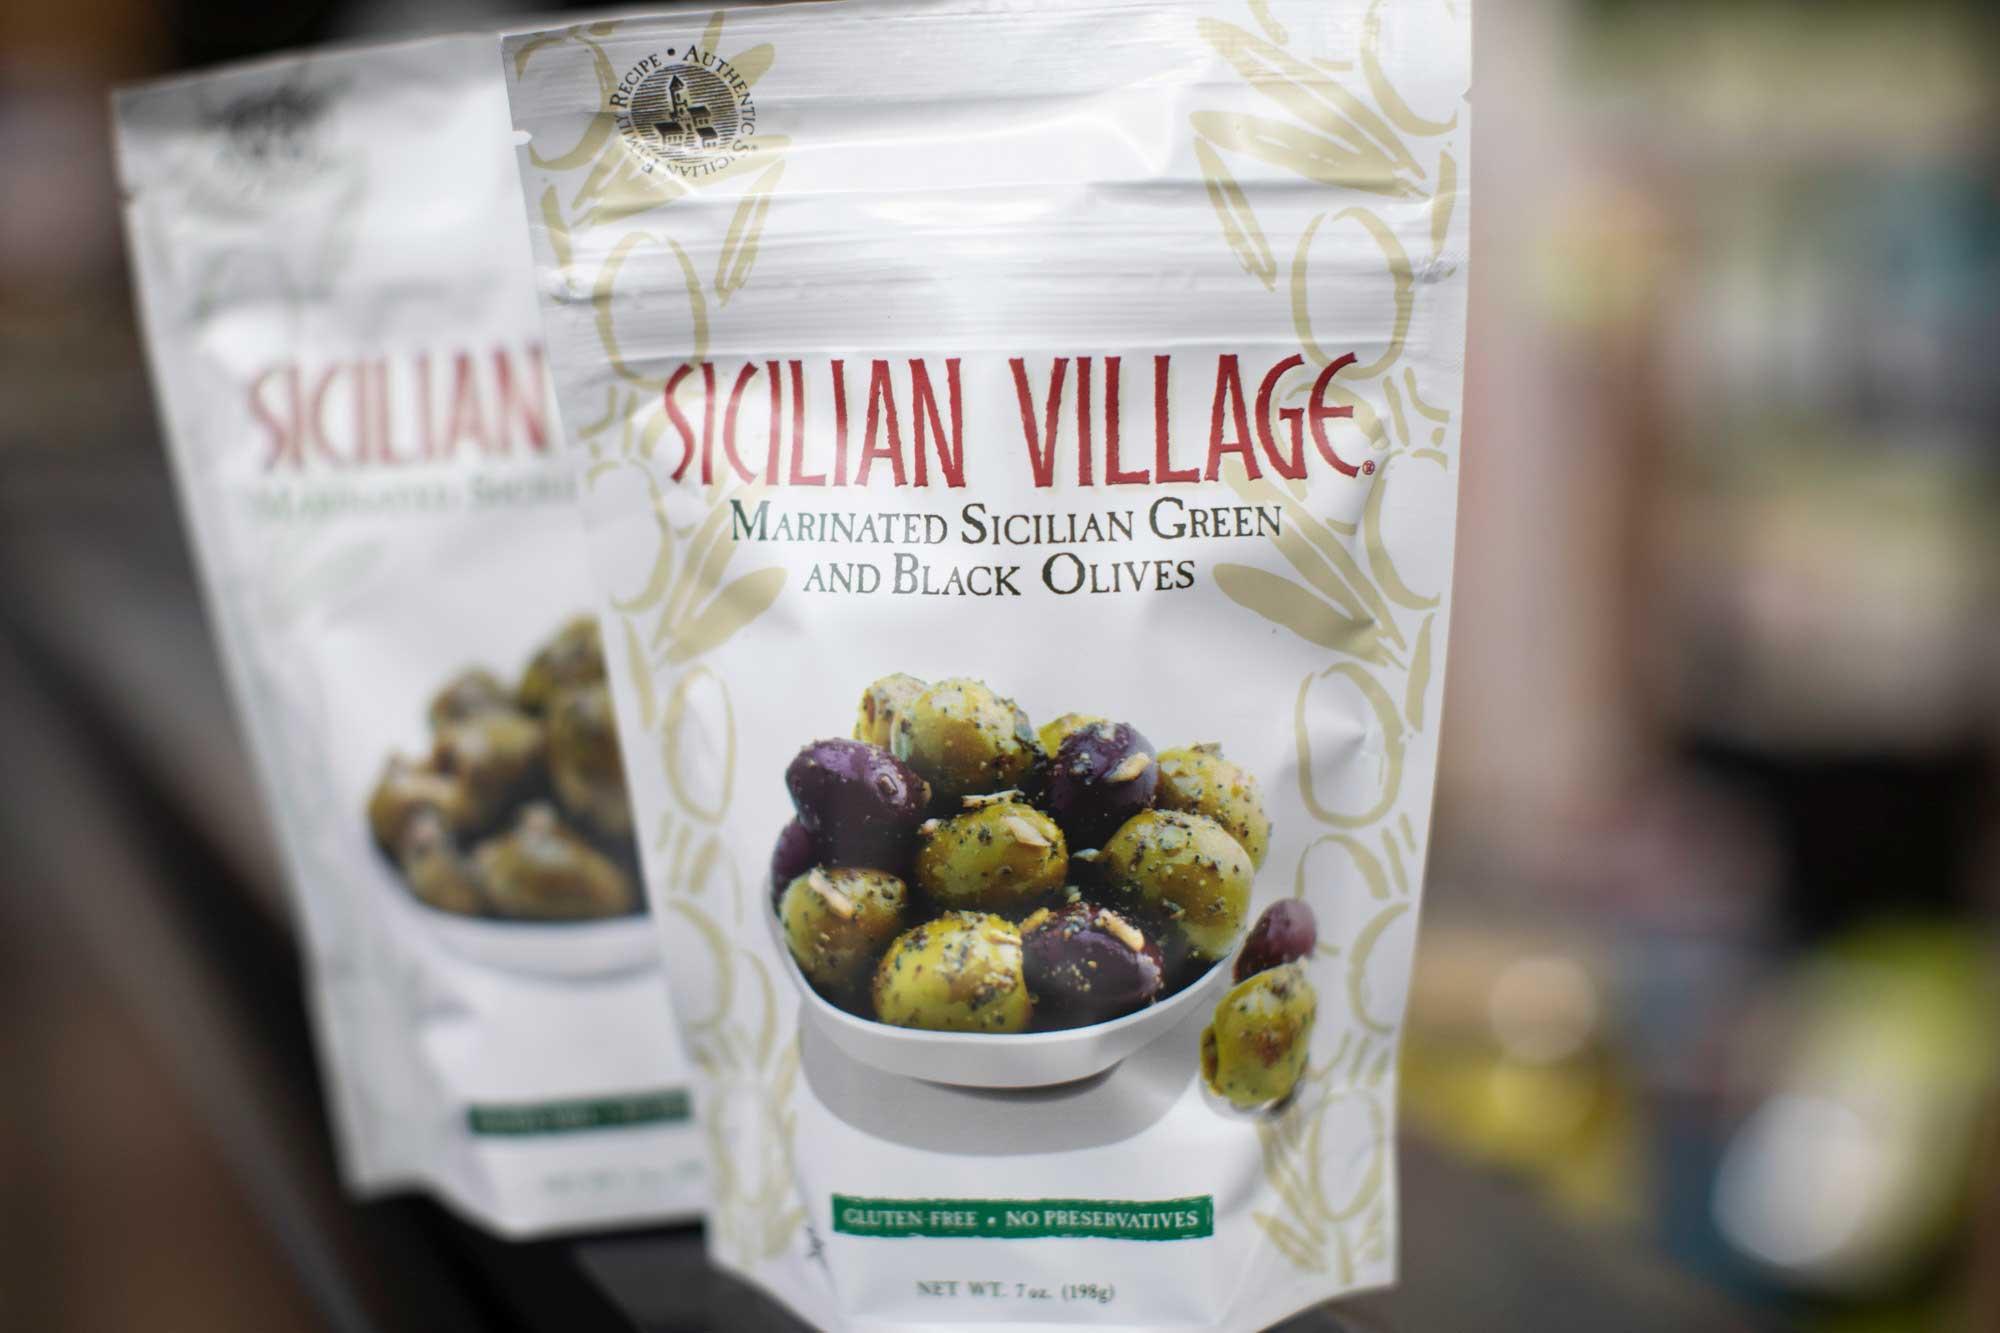 Sicilian Village green and black olives